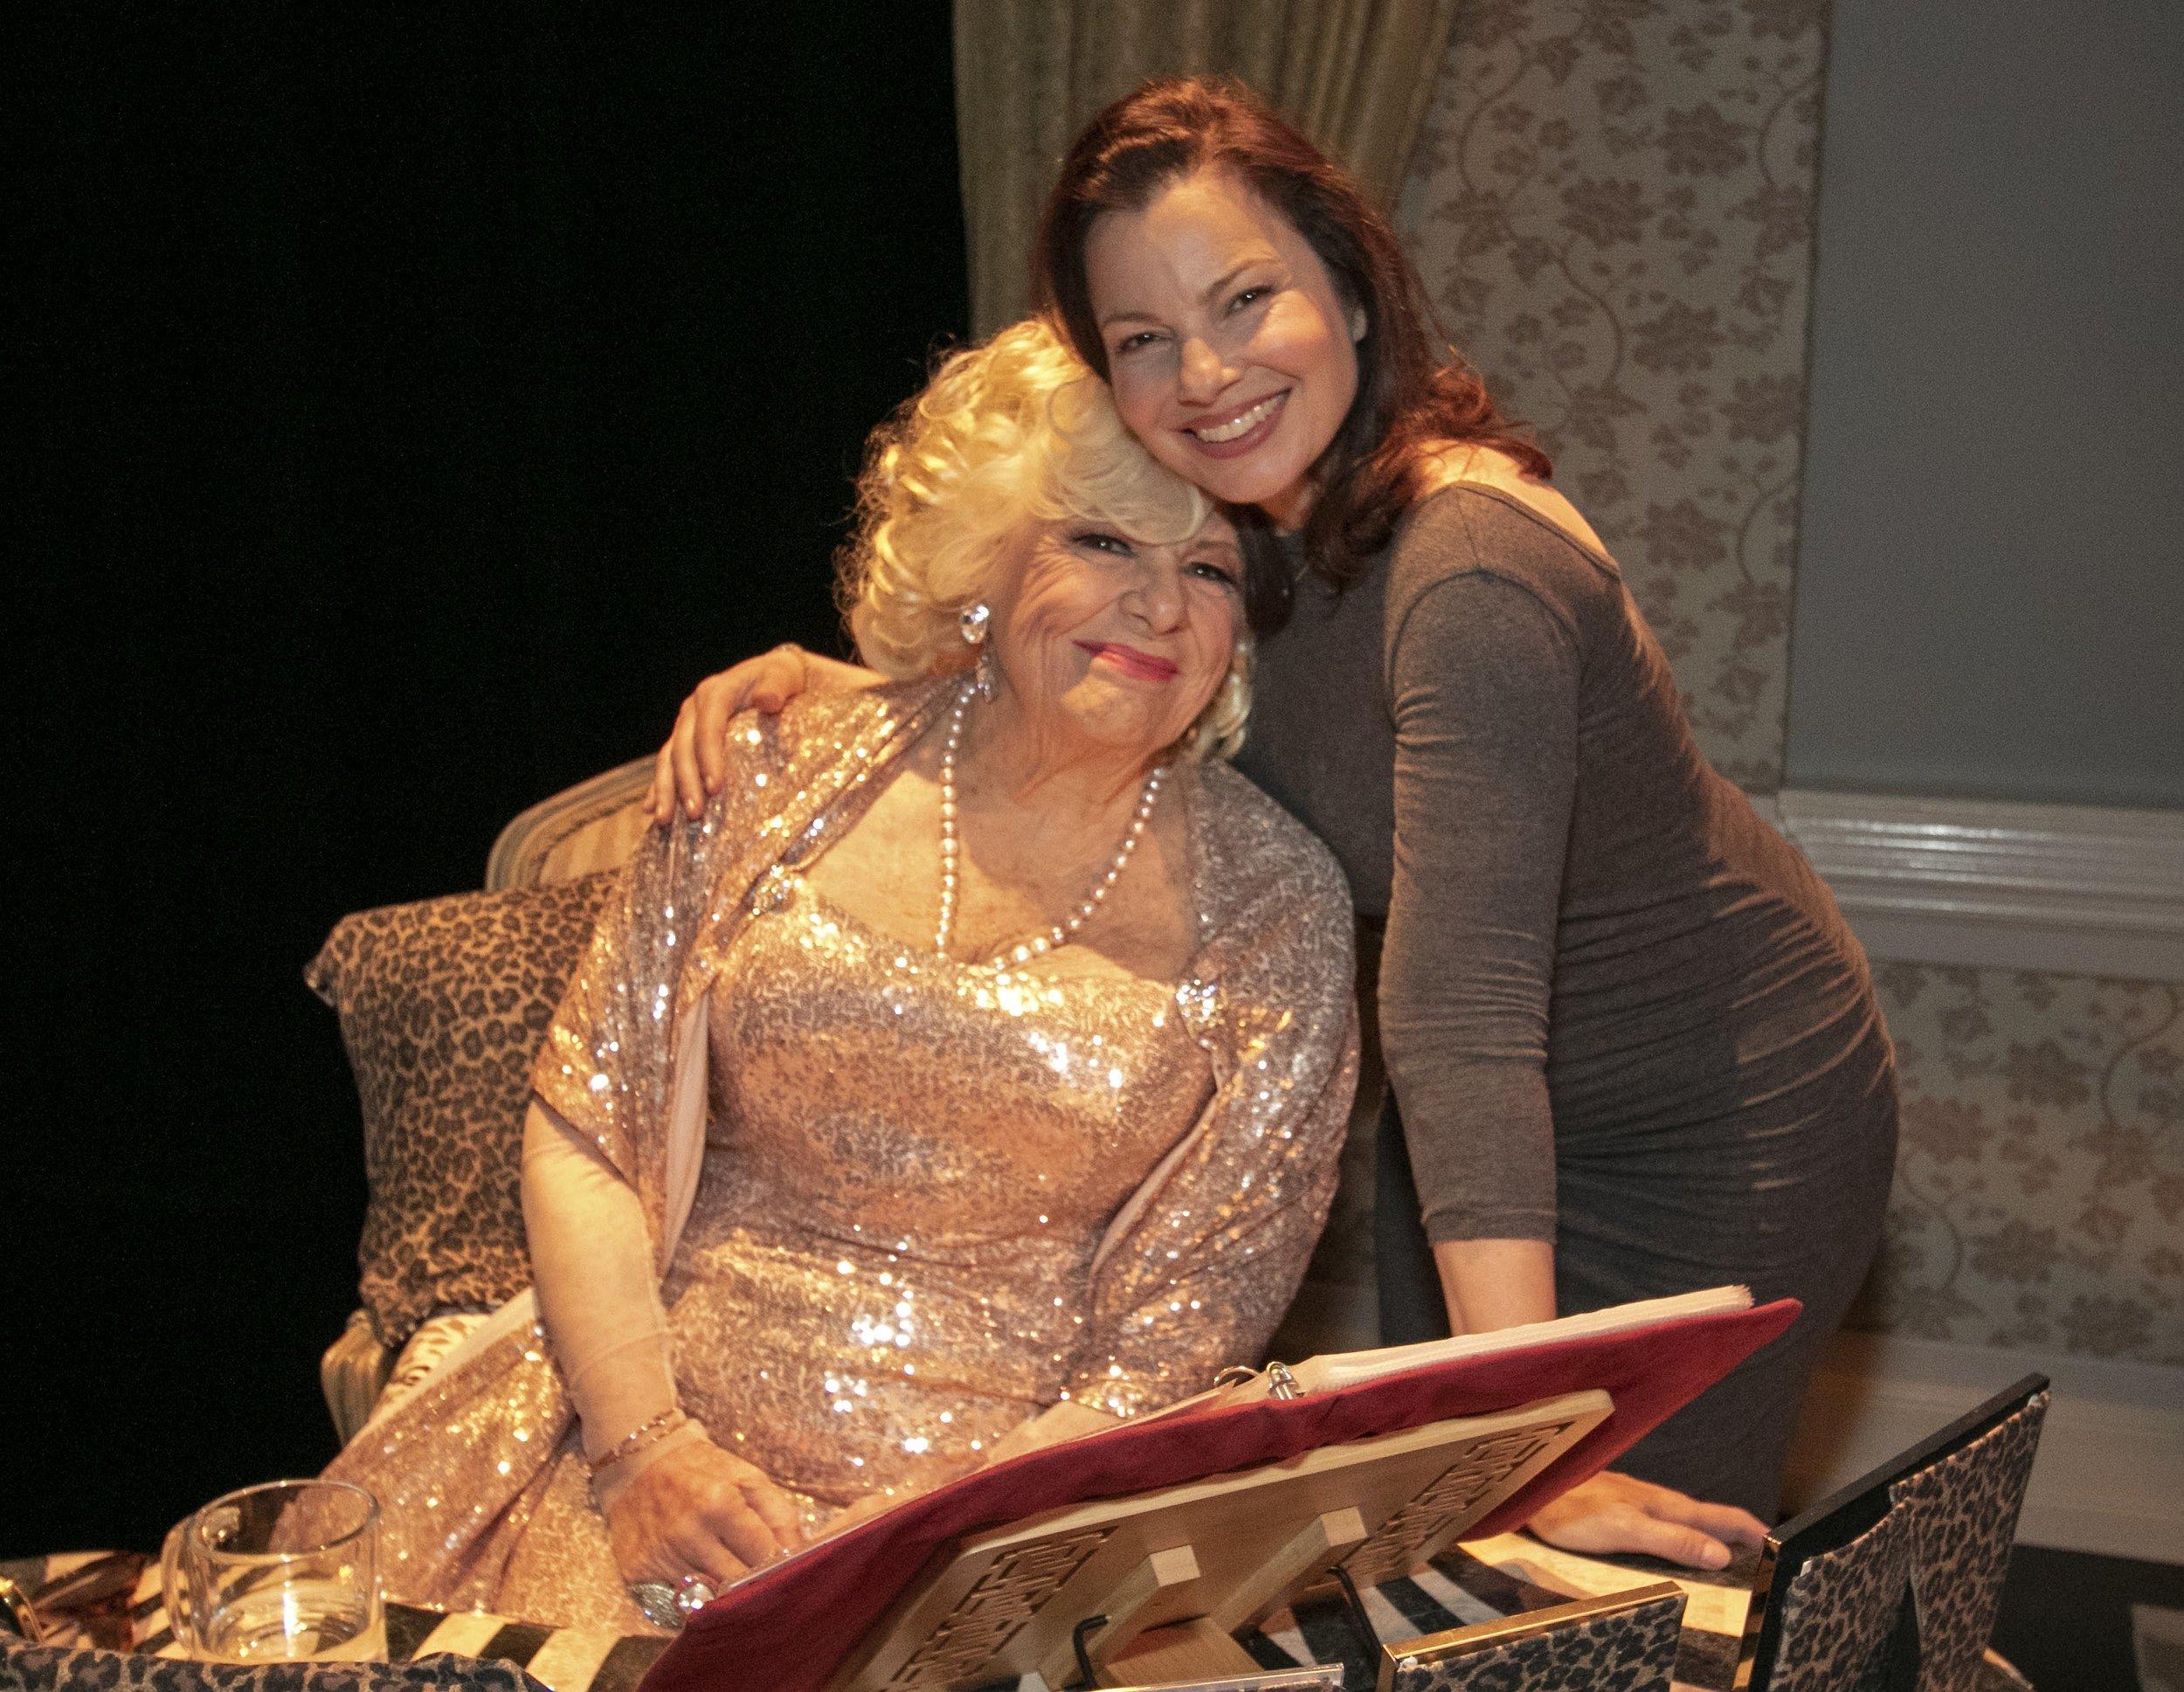 Renée Taylor and Fran Drescher